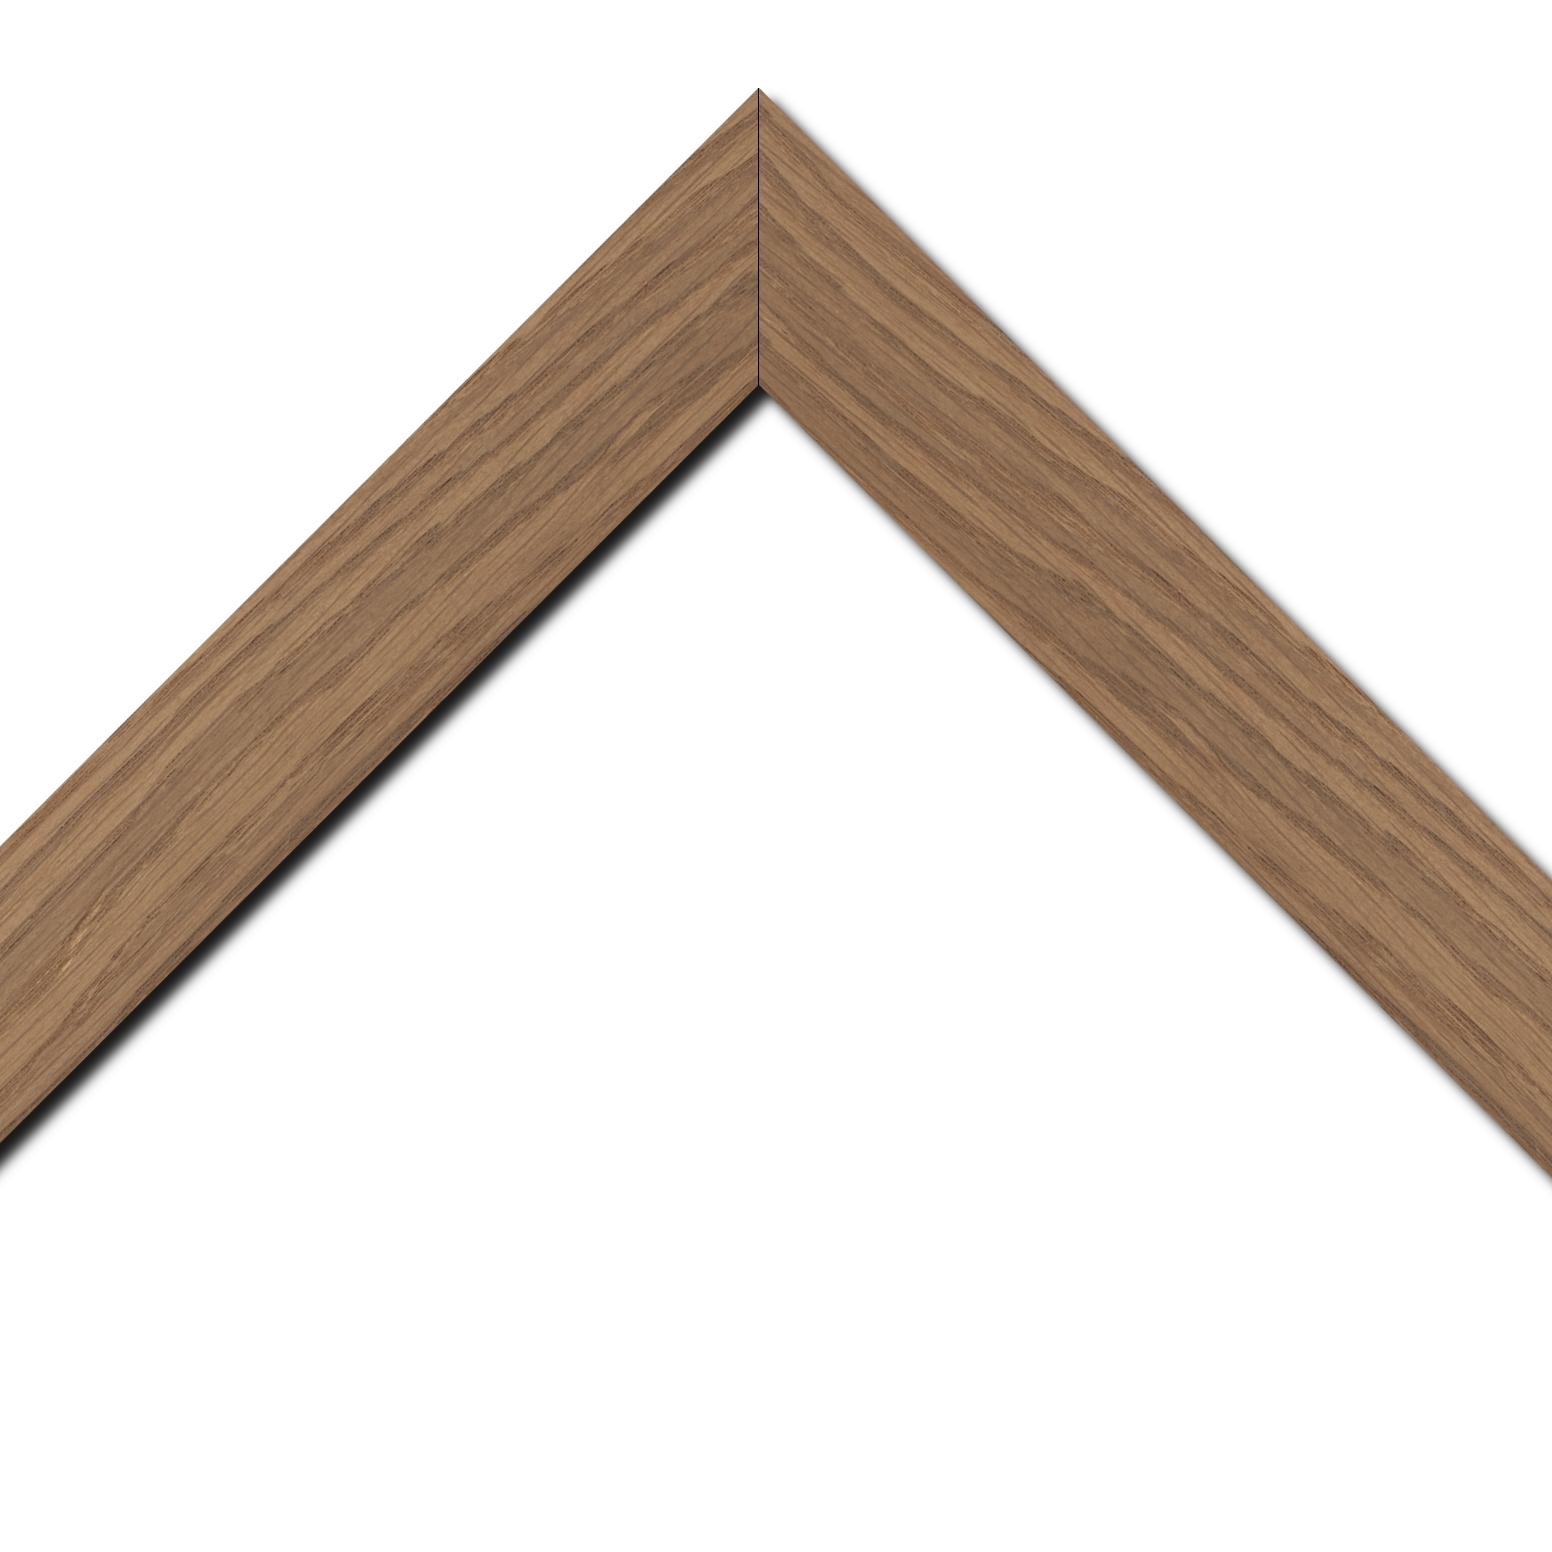 Baguette bois profil plat largeur 4cm chêne massif naturel